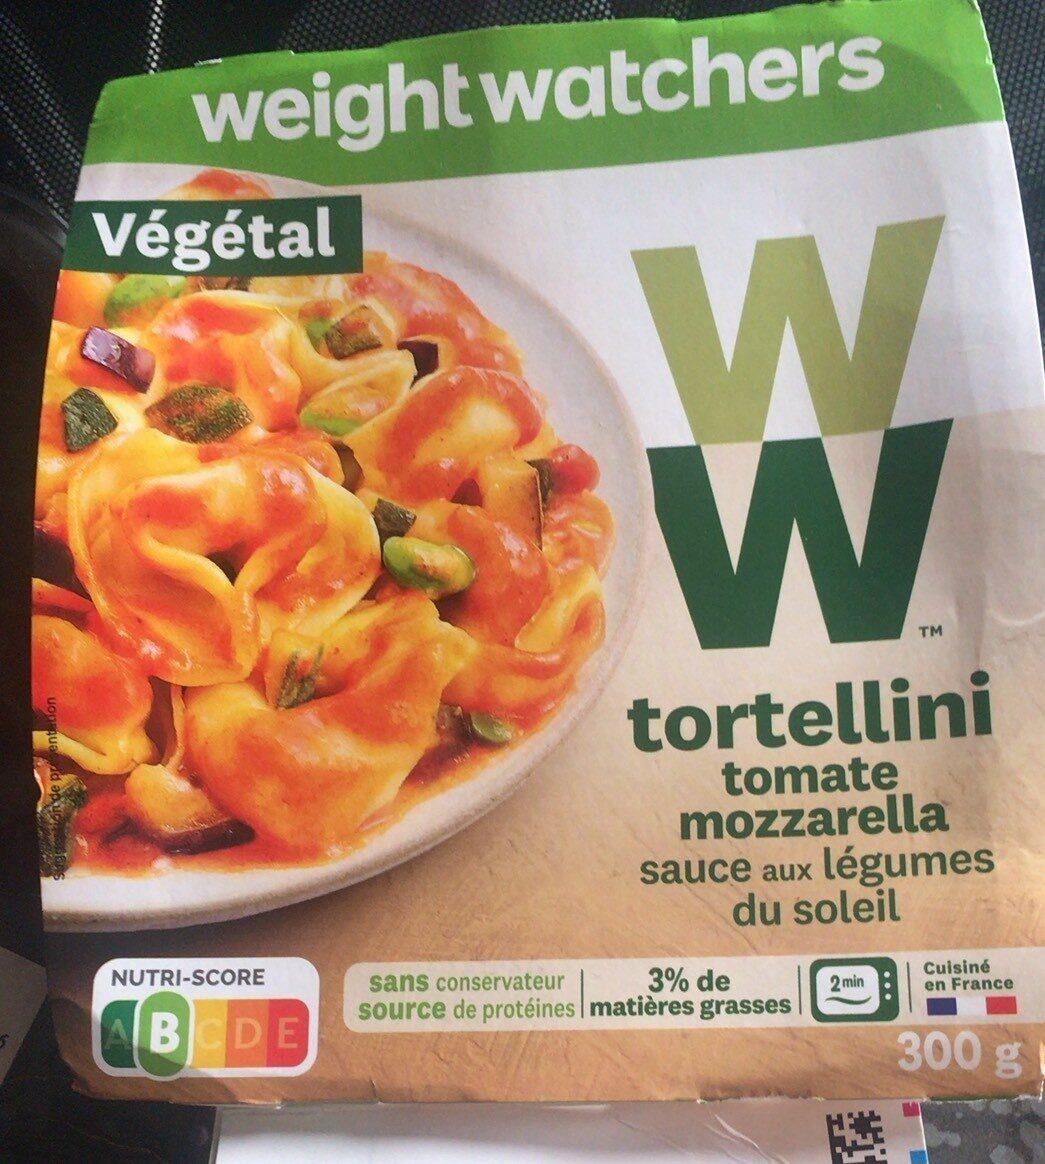 Tortellonis tomates mozzarella - Product - fr